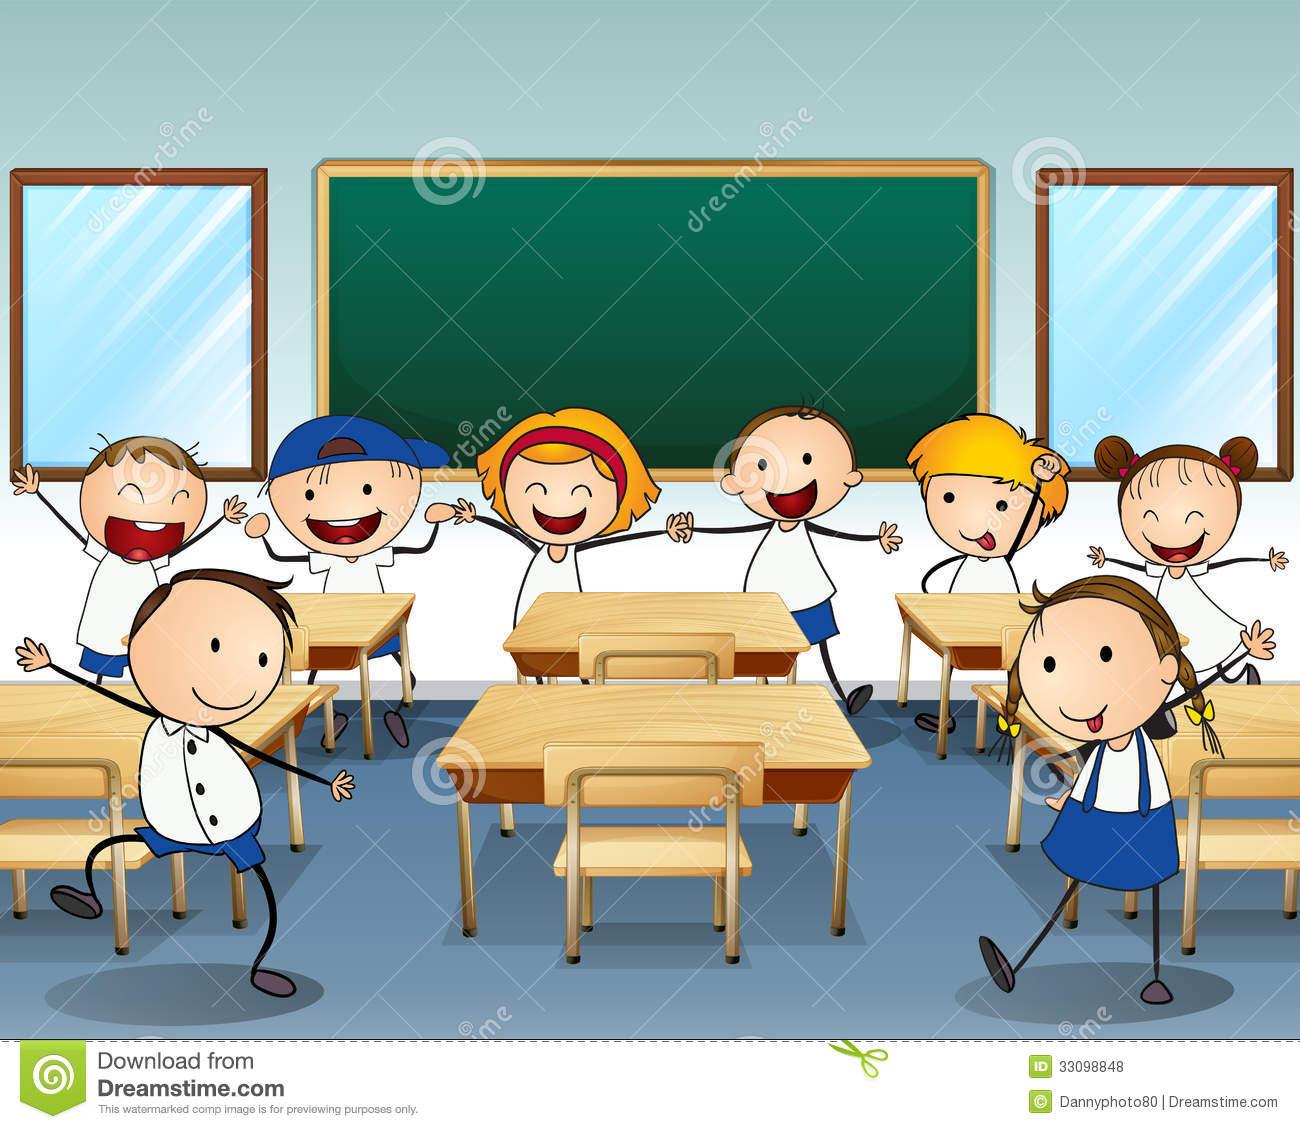 classroom clipart for teachers-classroom clipart for teachers-15